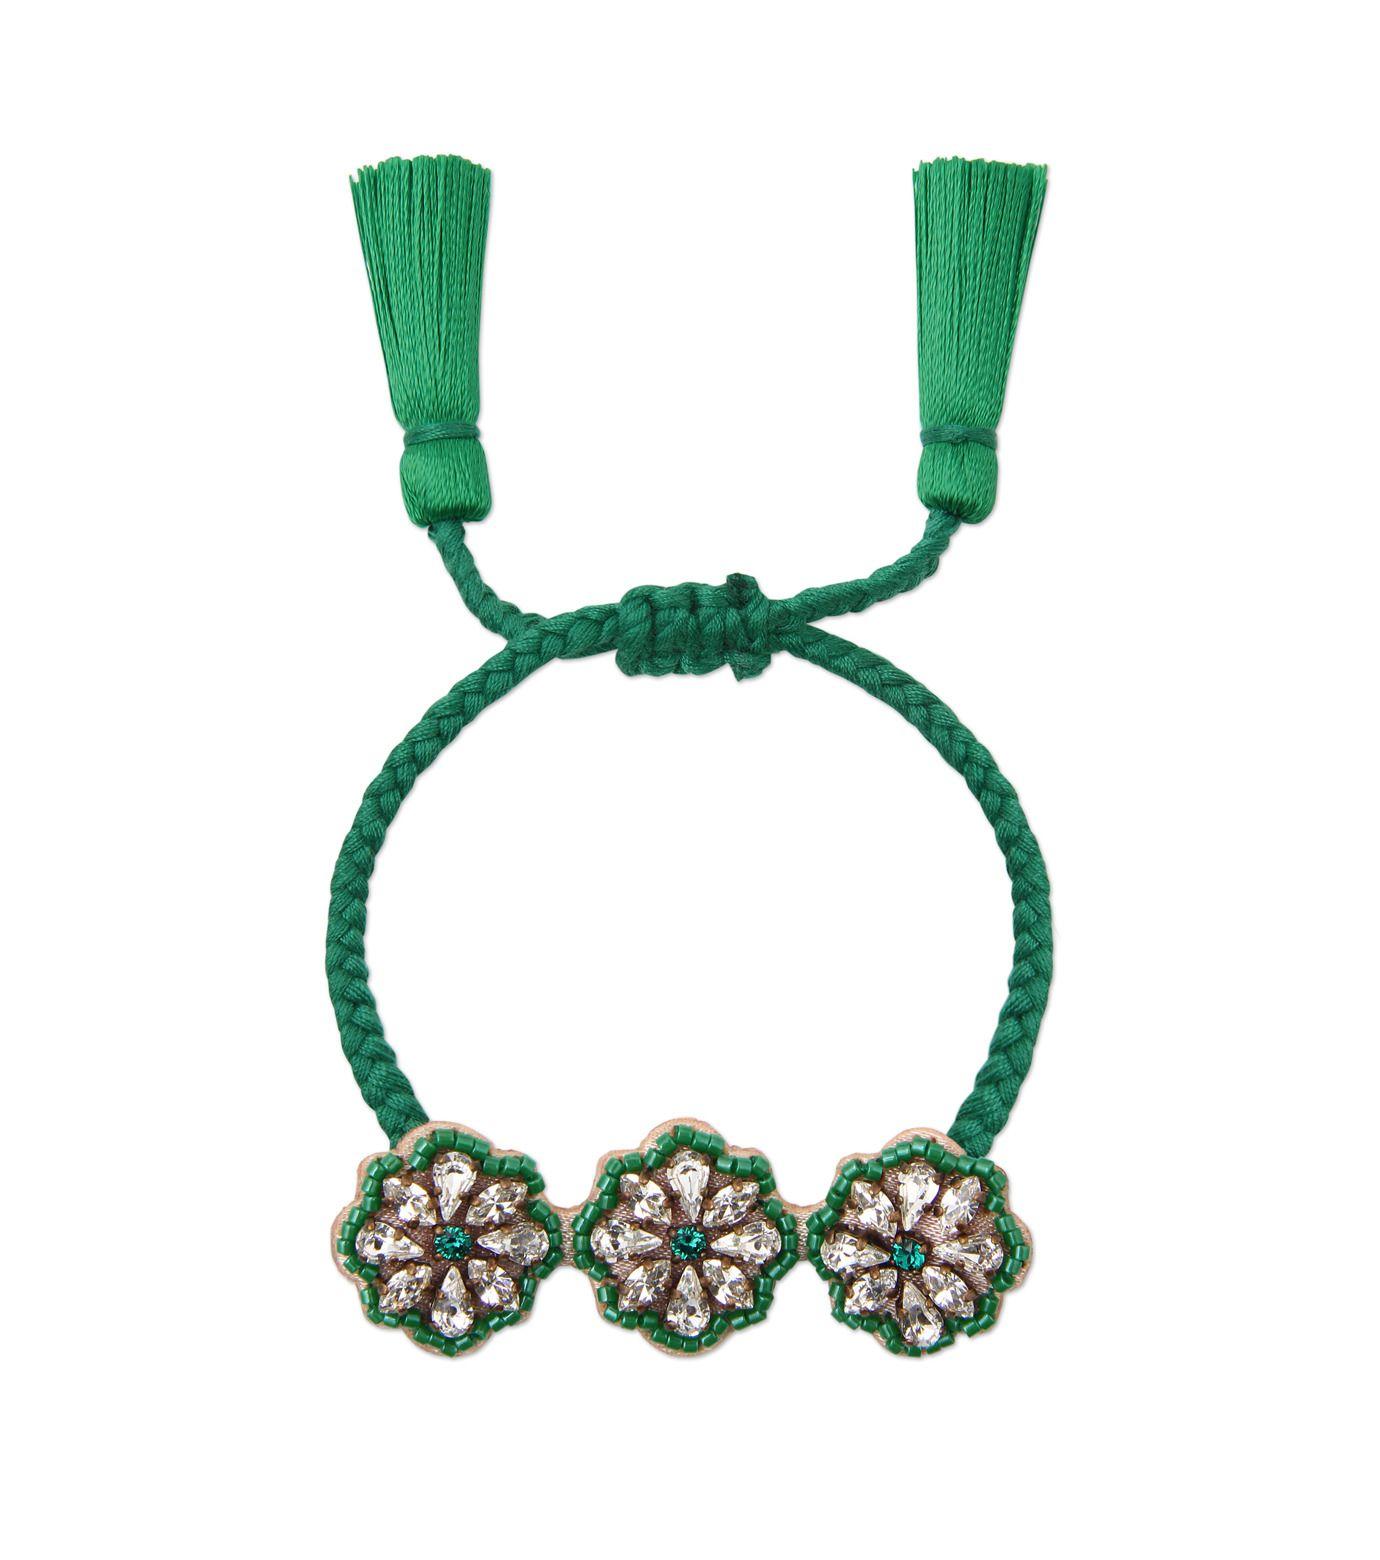 シュローク/Shourouk - Athna Bracelet Flower-GREEN(ブレスレット/bracelet)   RESTIR リステア